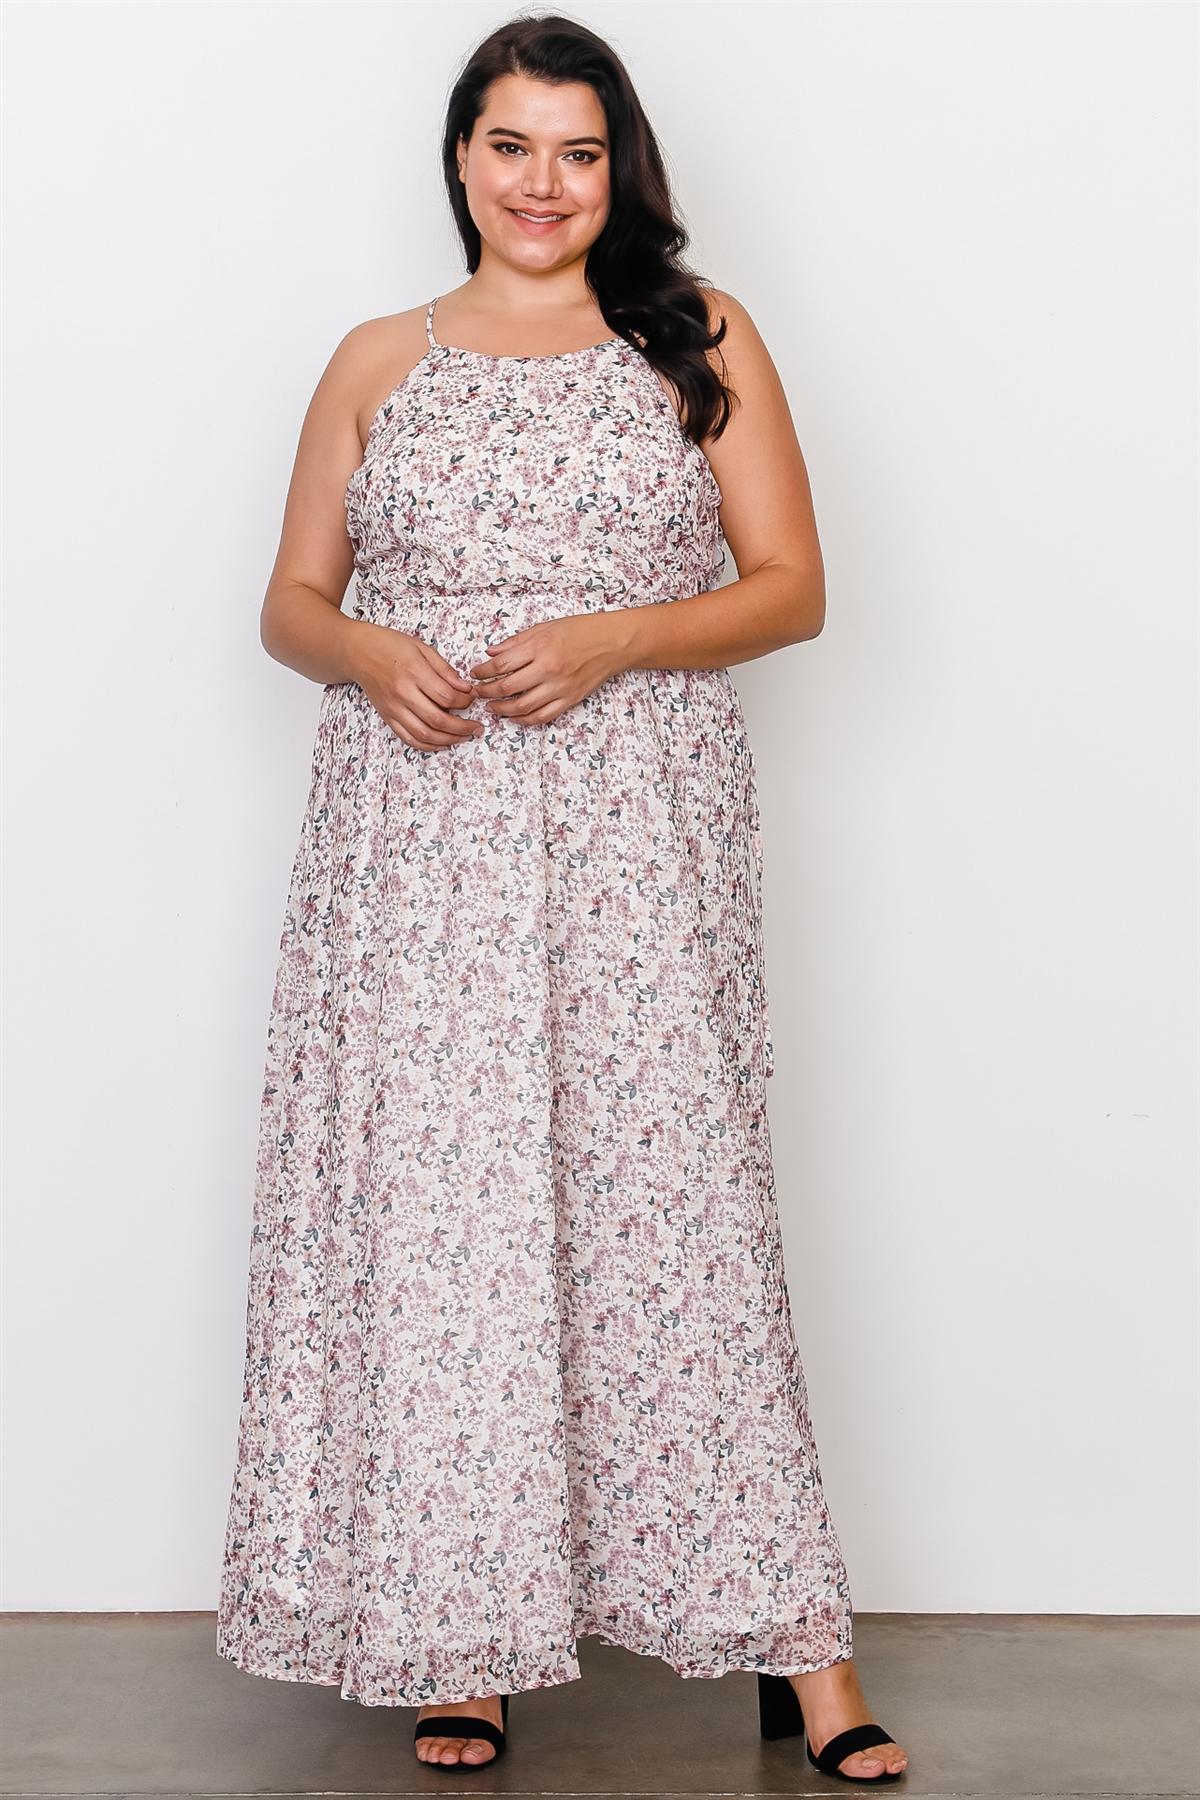 757fc2cfec64 Plus size off white floral print side lace up maxi dress-id.cc37269